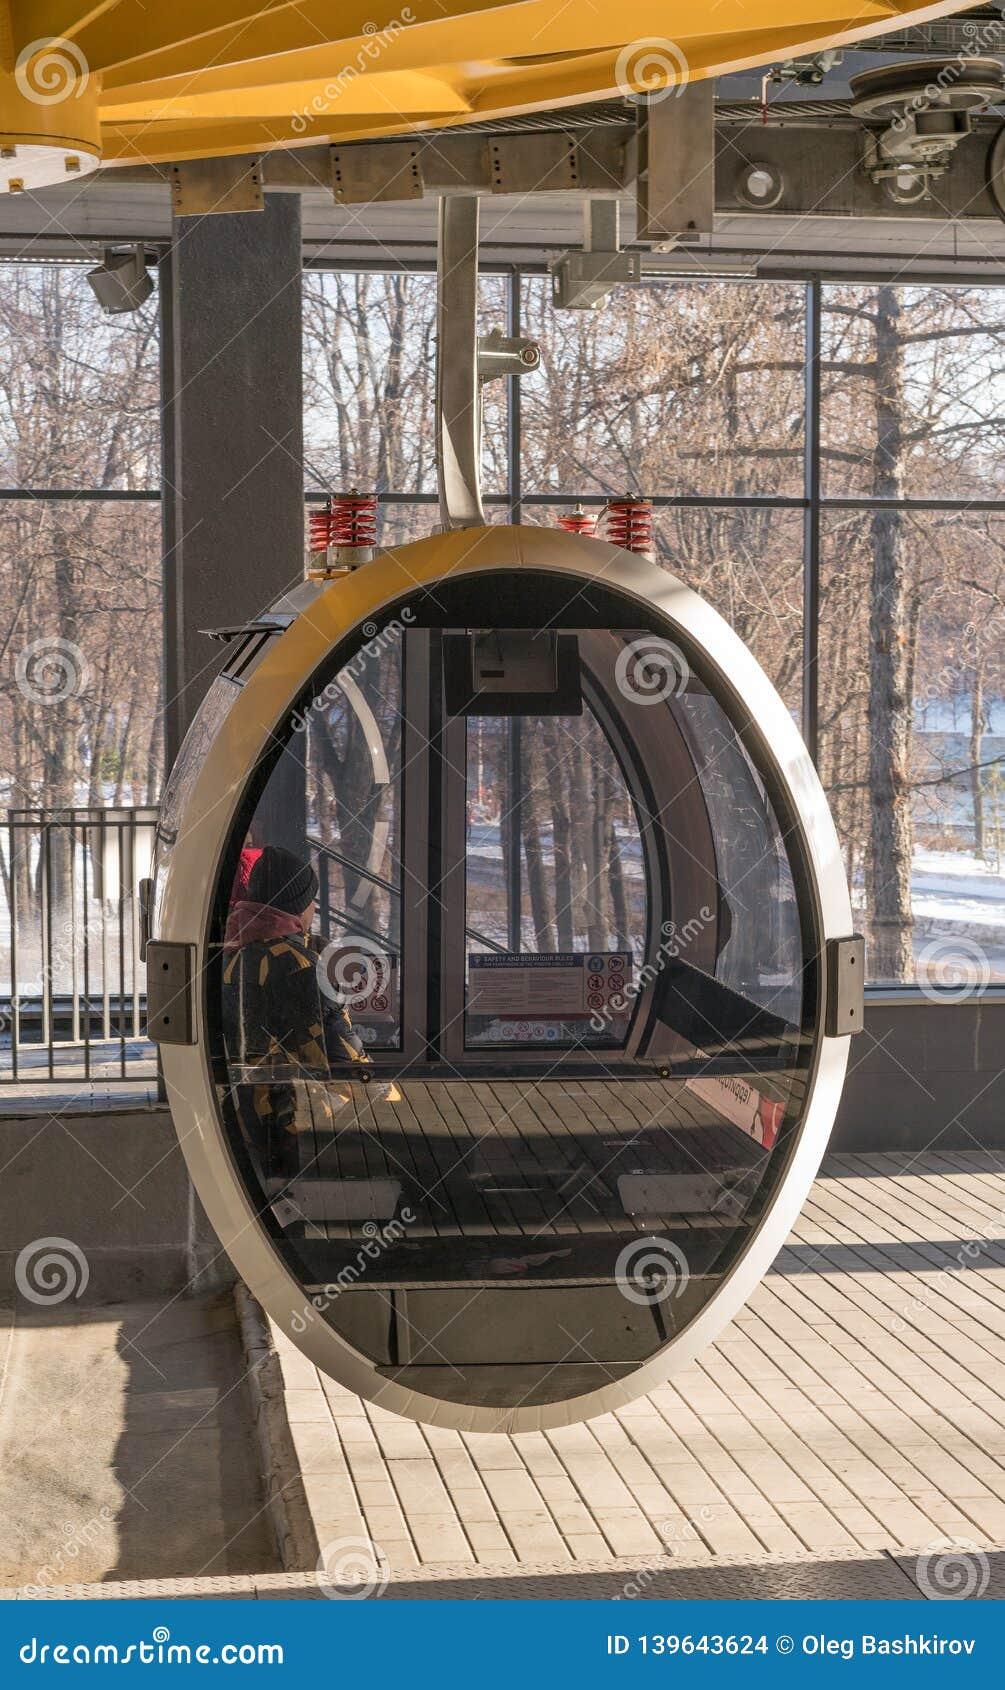 MOSKOU, RUSLAND - FEBRUARI 16, 2019: De kabelwagen van Moskou bij Musheuvels